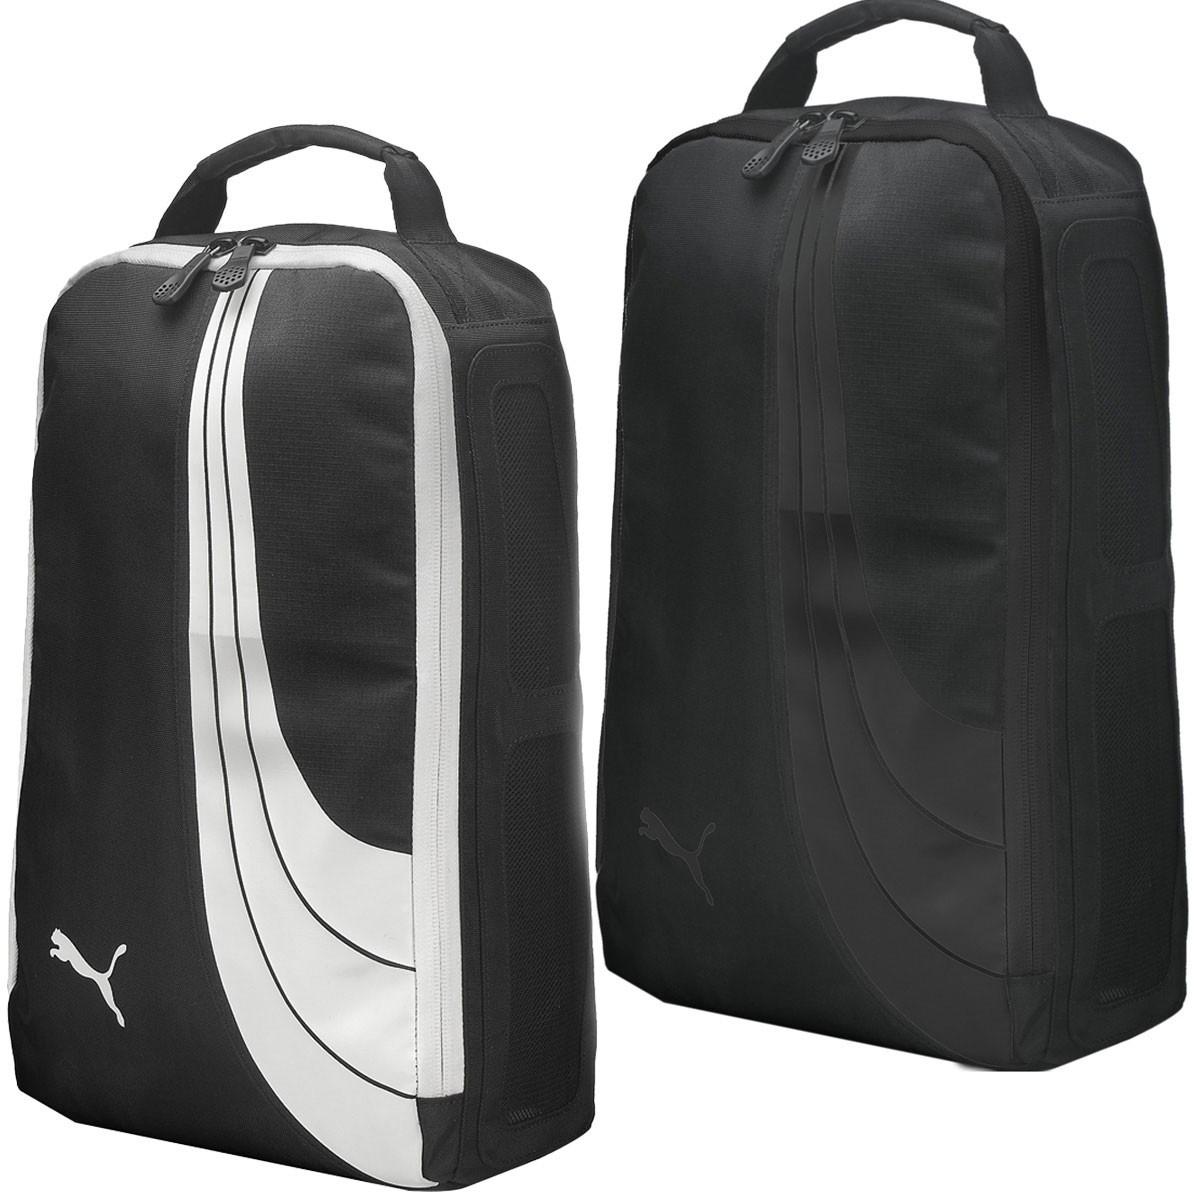 Puma Golf Formation 2.0 Shoe Bag Formstripe Design 1003cf0e00409